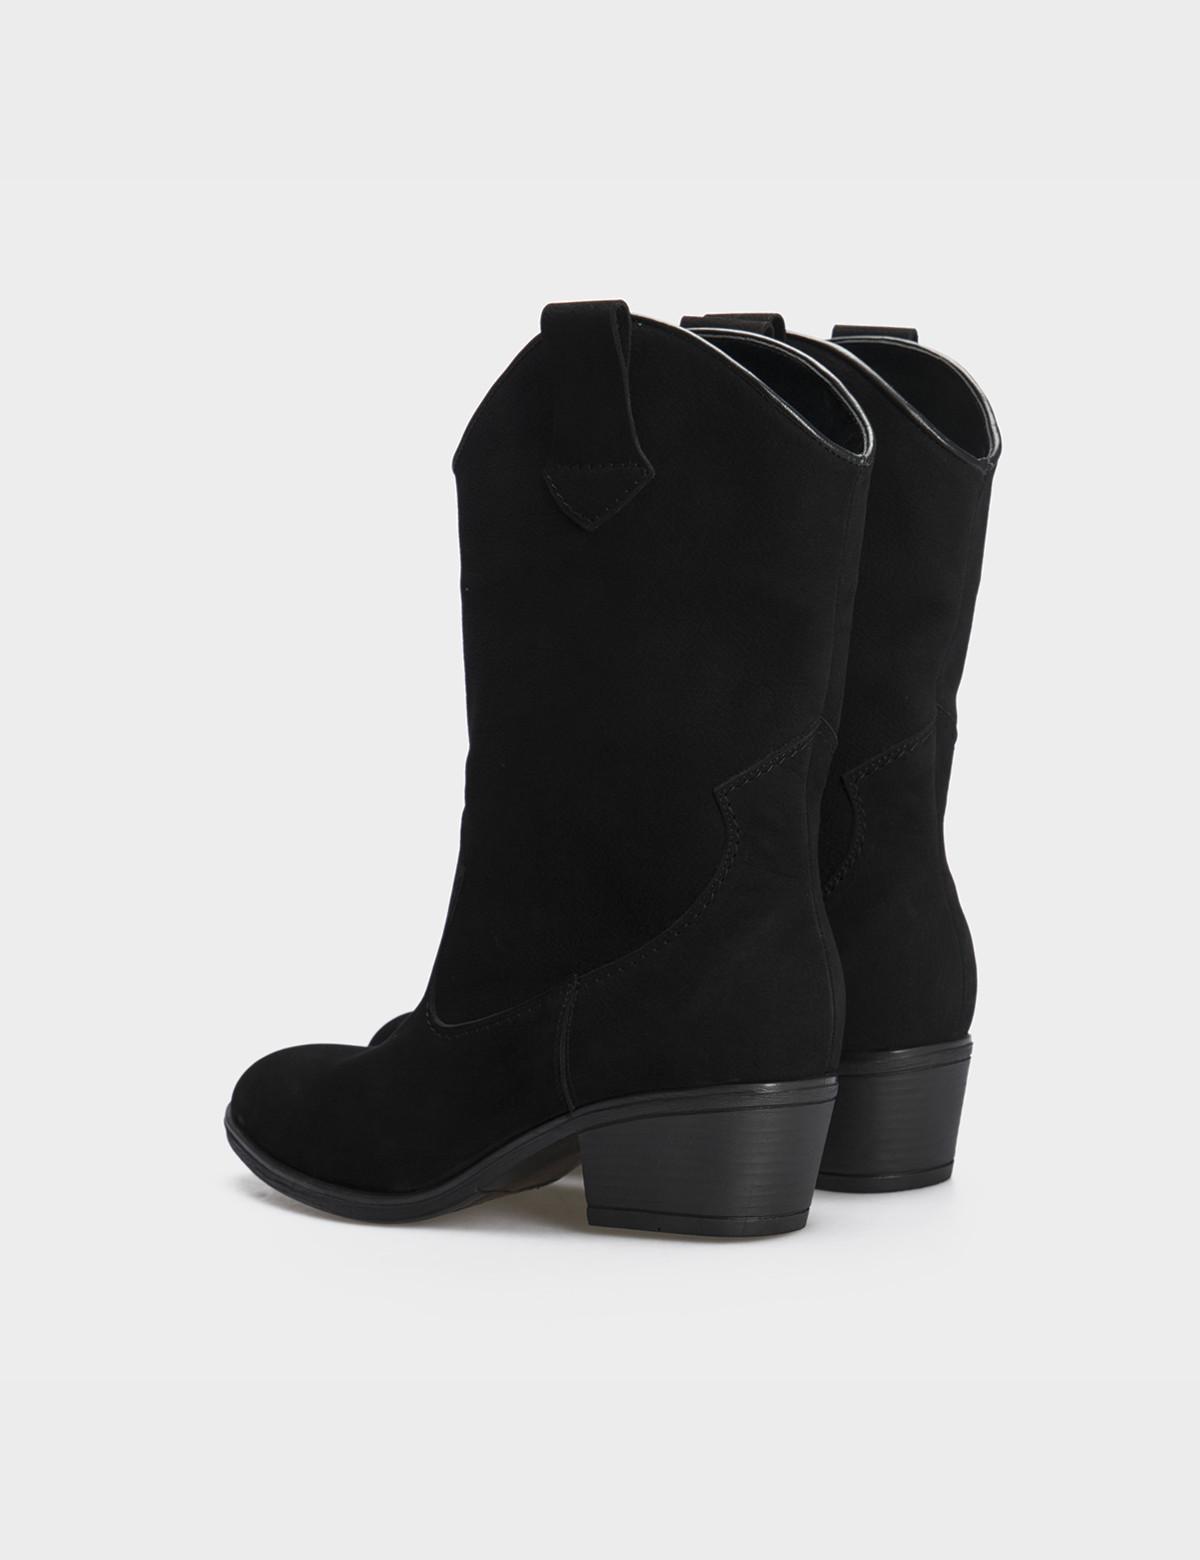 Ботинки черные натуральный нубук. Байка3